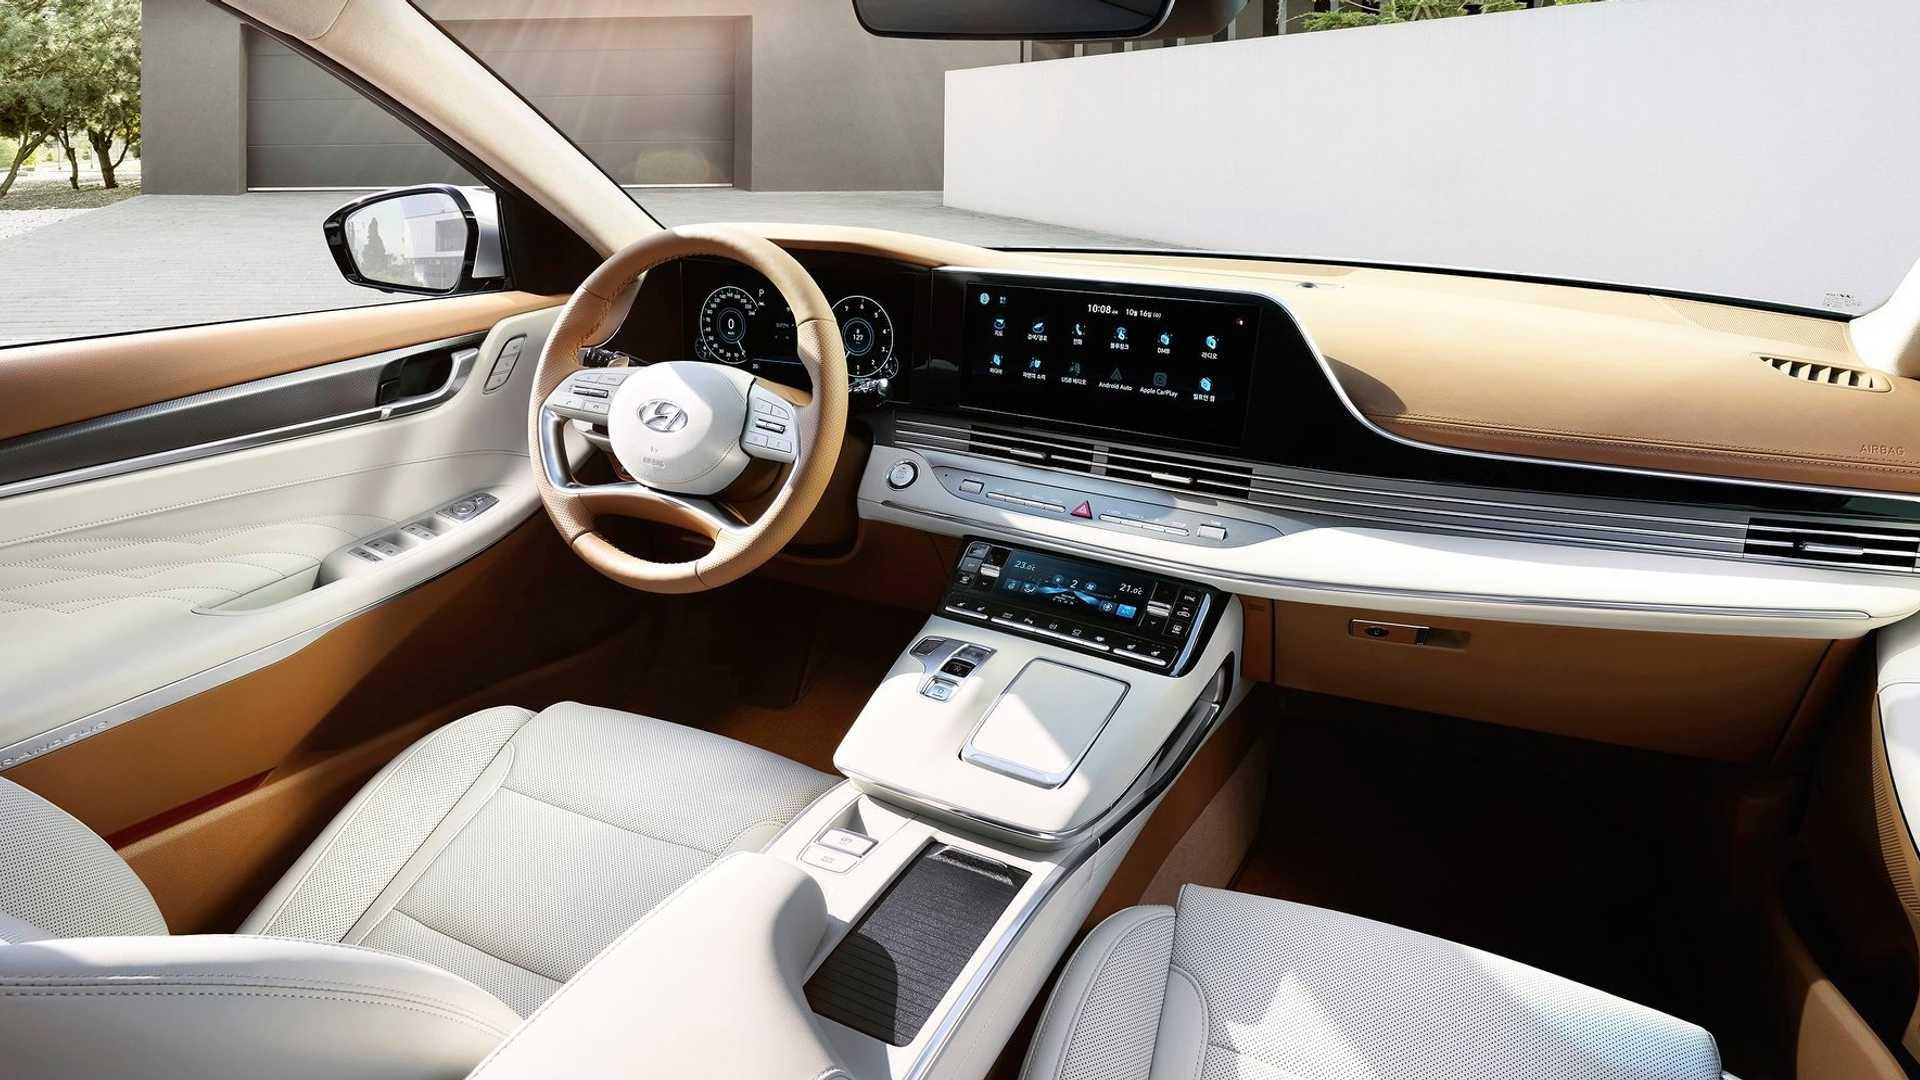 2020-hyundai-grandeur-facelift (6).jpg